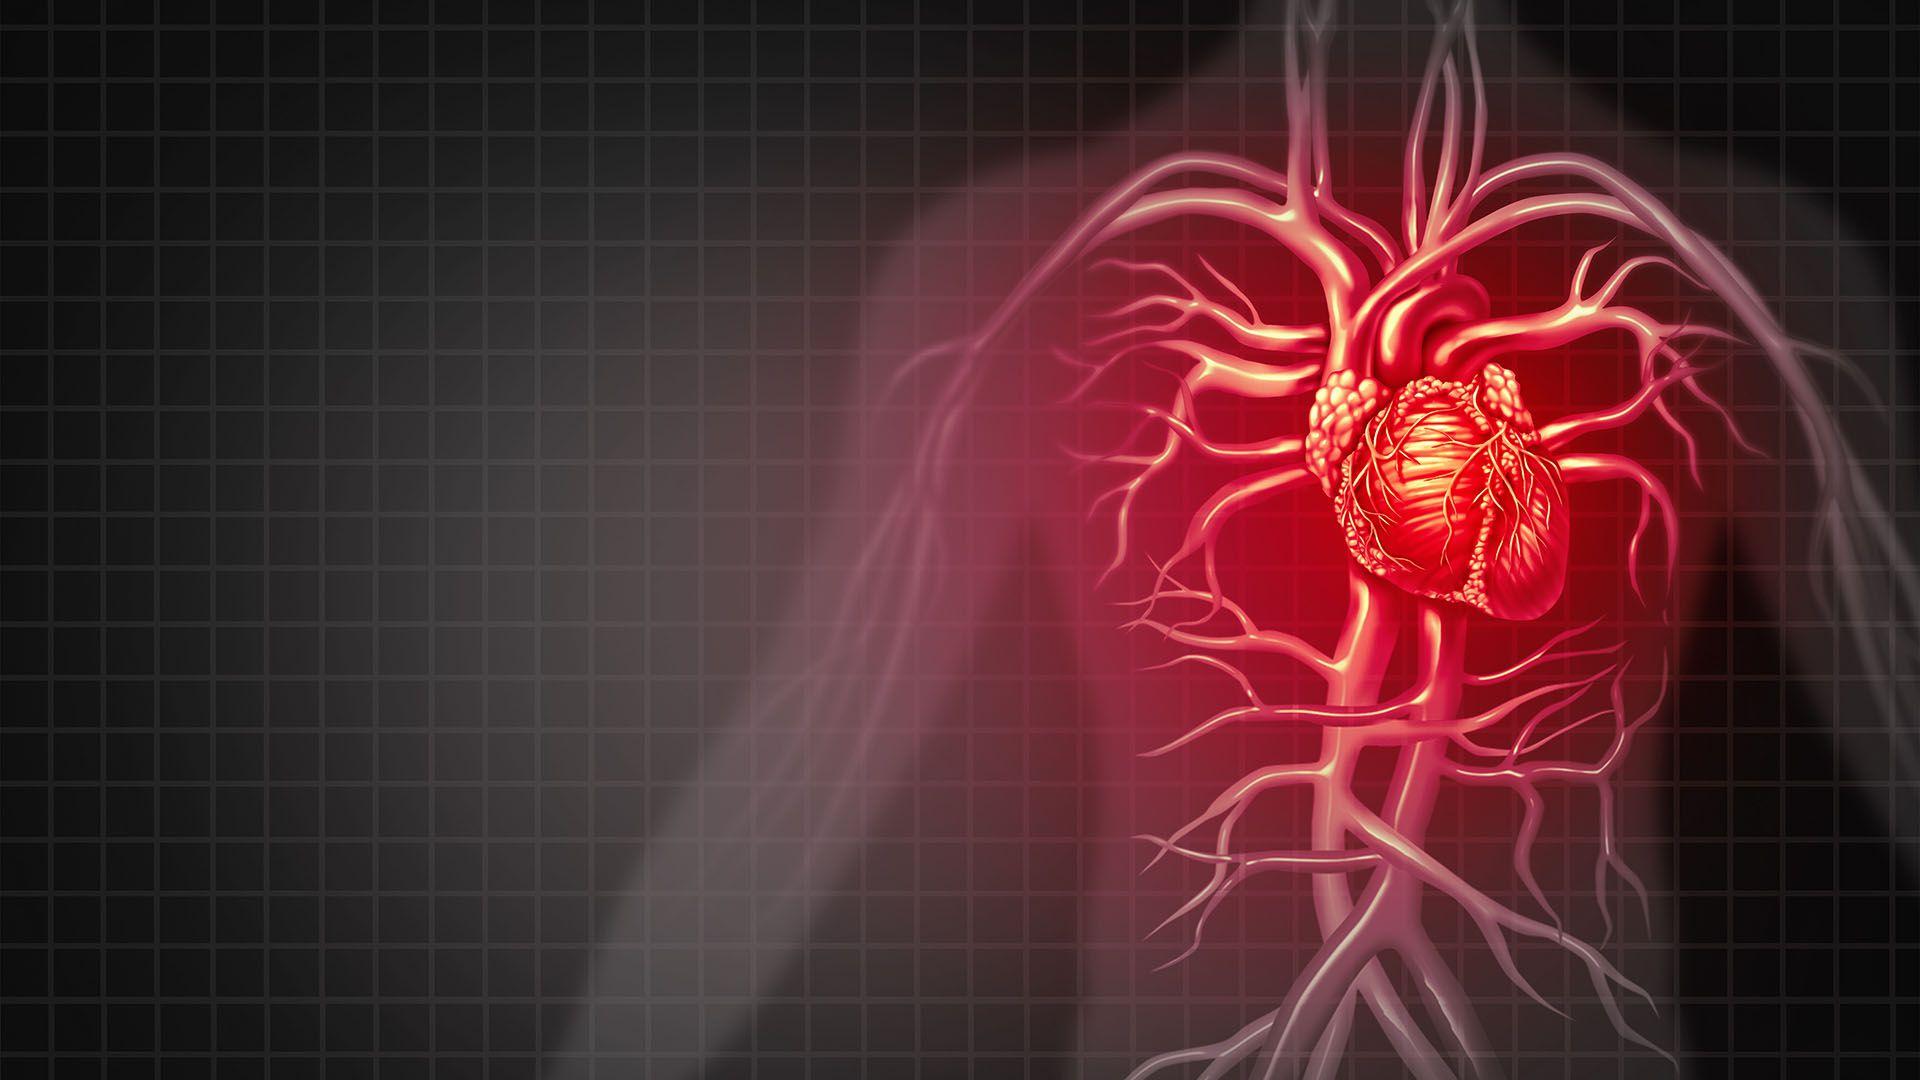 La miocarditis es una inflamación del músculo cardíaco que puede ser causada por una infección viral, pero también aparece como reacción a un medicamento (Getty Images)